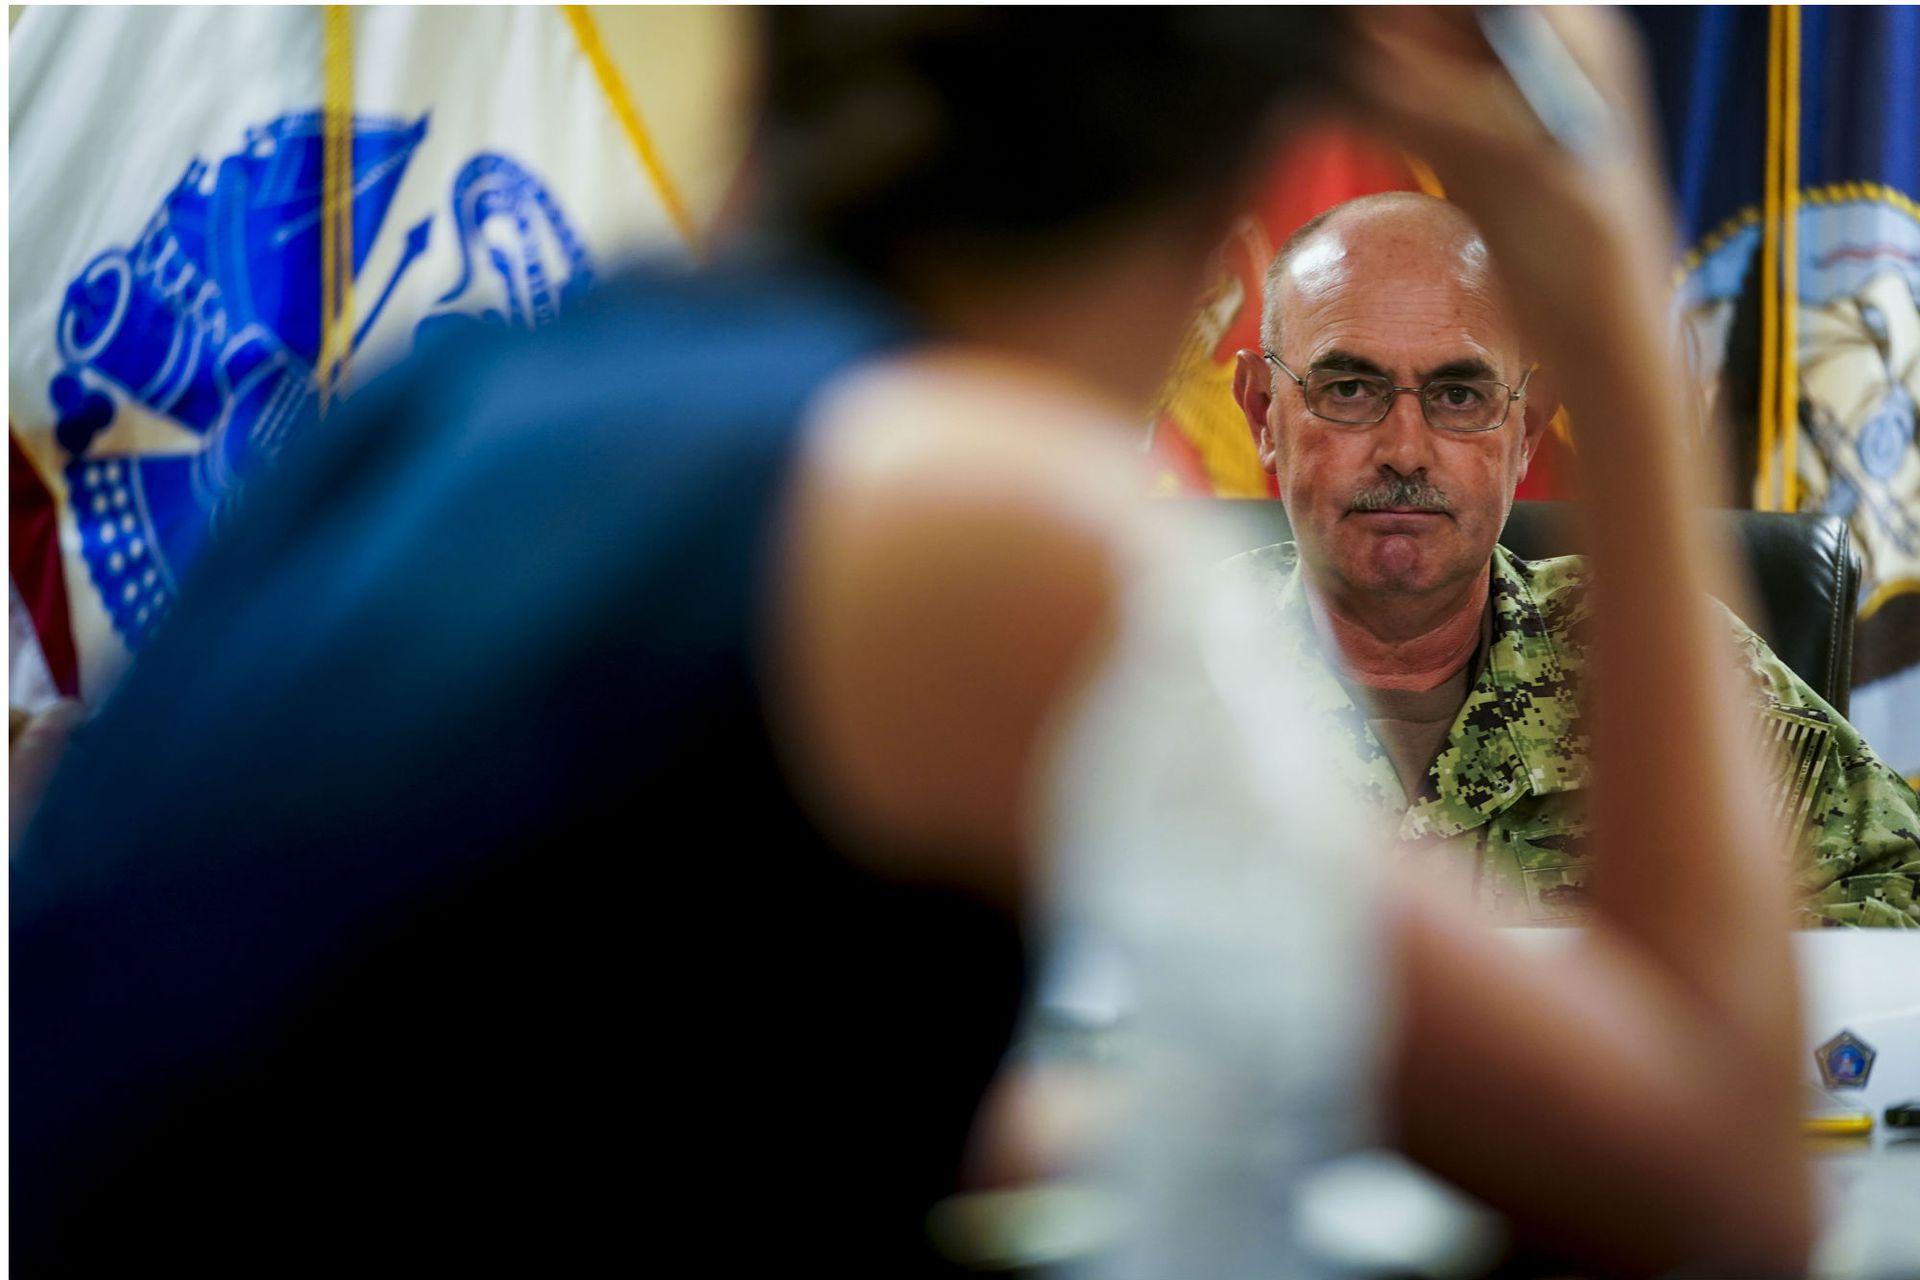 El contralmirante John C. Ring dijo que, debido a que el ejército no tiene médicos para atención geriátrica ni de cuidados paliativos, estaba enviando un equipo para ver cómo la Agencia Federal de Prisiones manejaba a los convictos enfermos y agonizantes